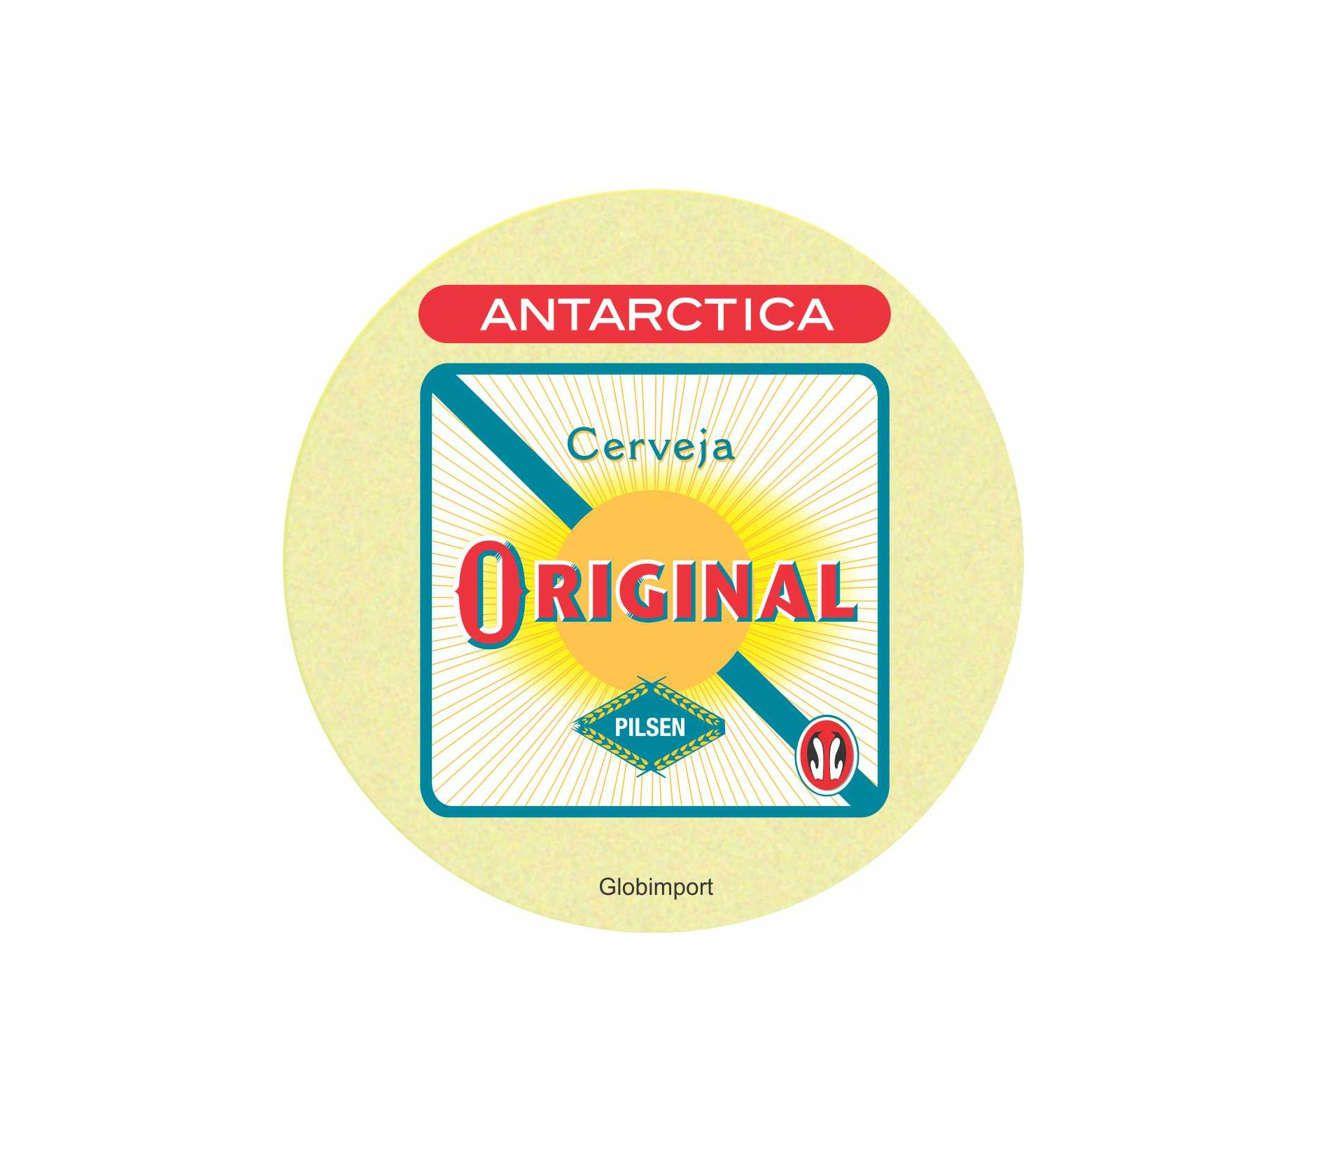 Bolacha Chopp Antarctica Original 24pçs